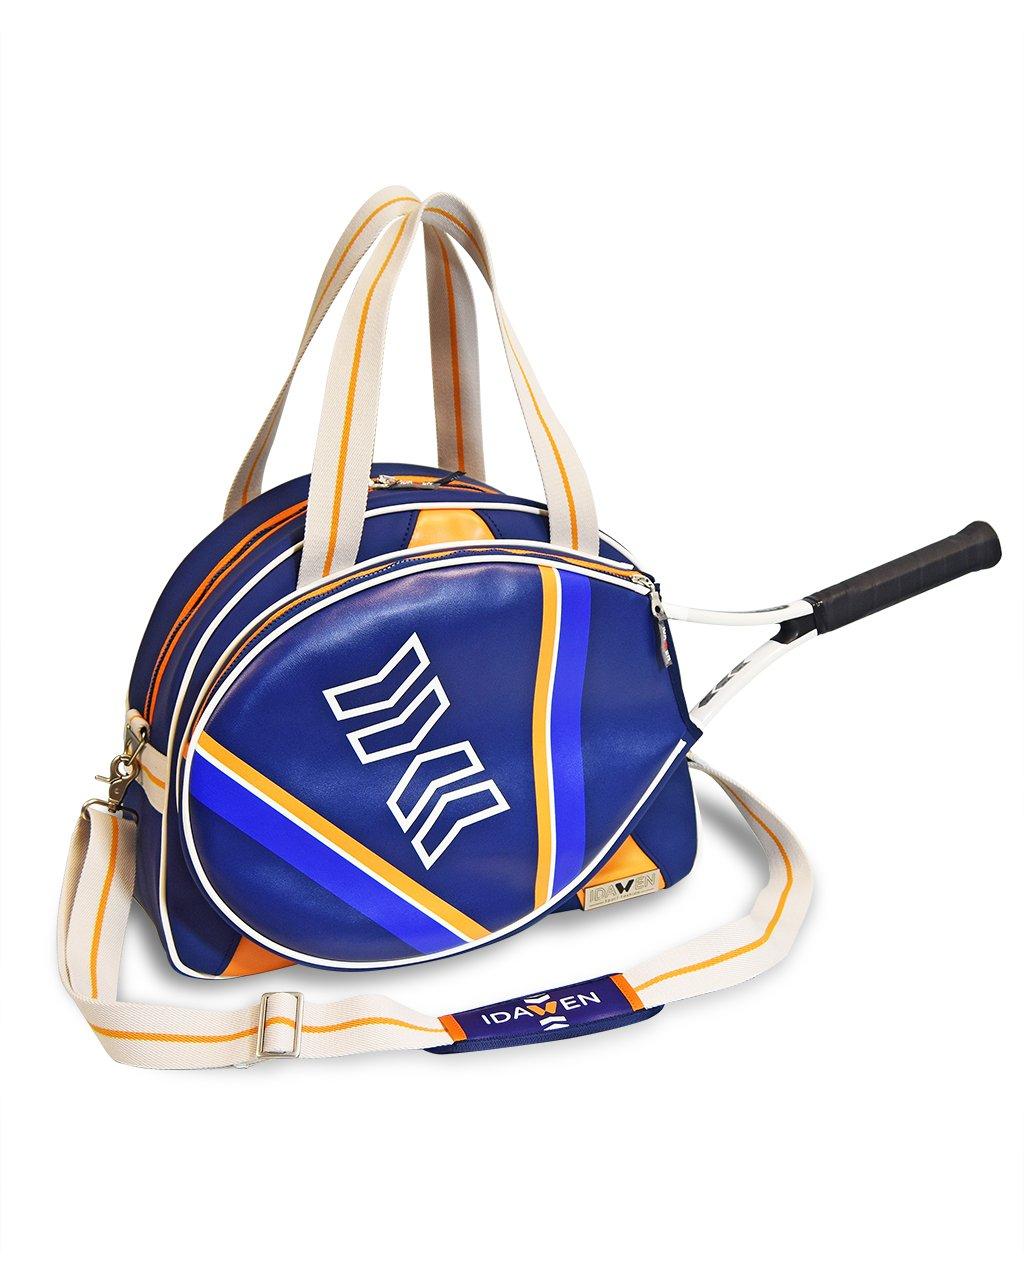 idawen Designerテニスバッグプレミアムmaterials – テニスのパッド入りの裏地とその他のスポーツRacquets – Holdsアスレチックシューズ、スポーツウェア、およびその他のジムアイテム B06ZXS698D  Bocce Sporty Tennis